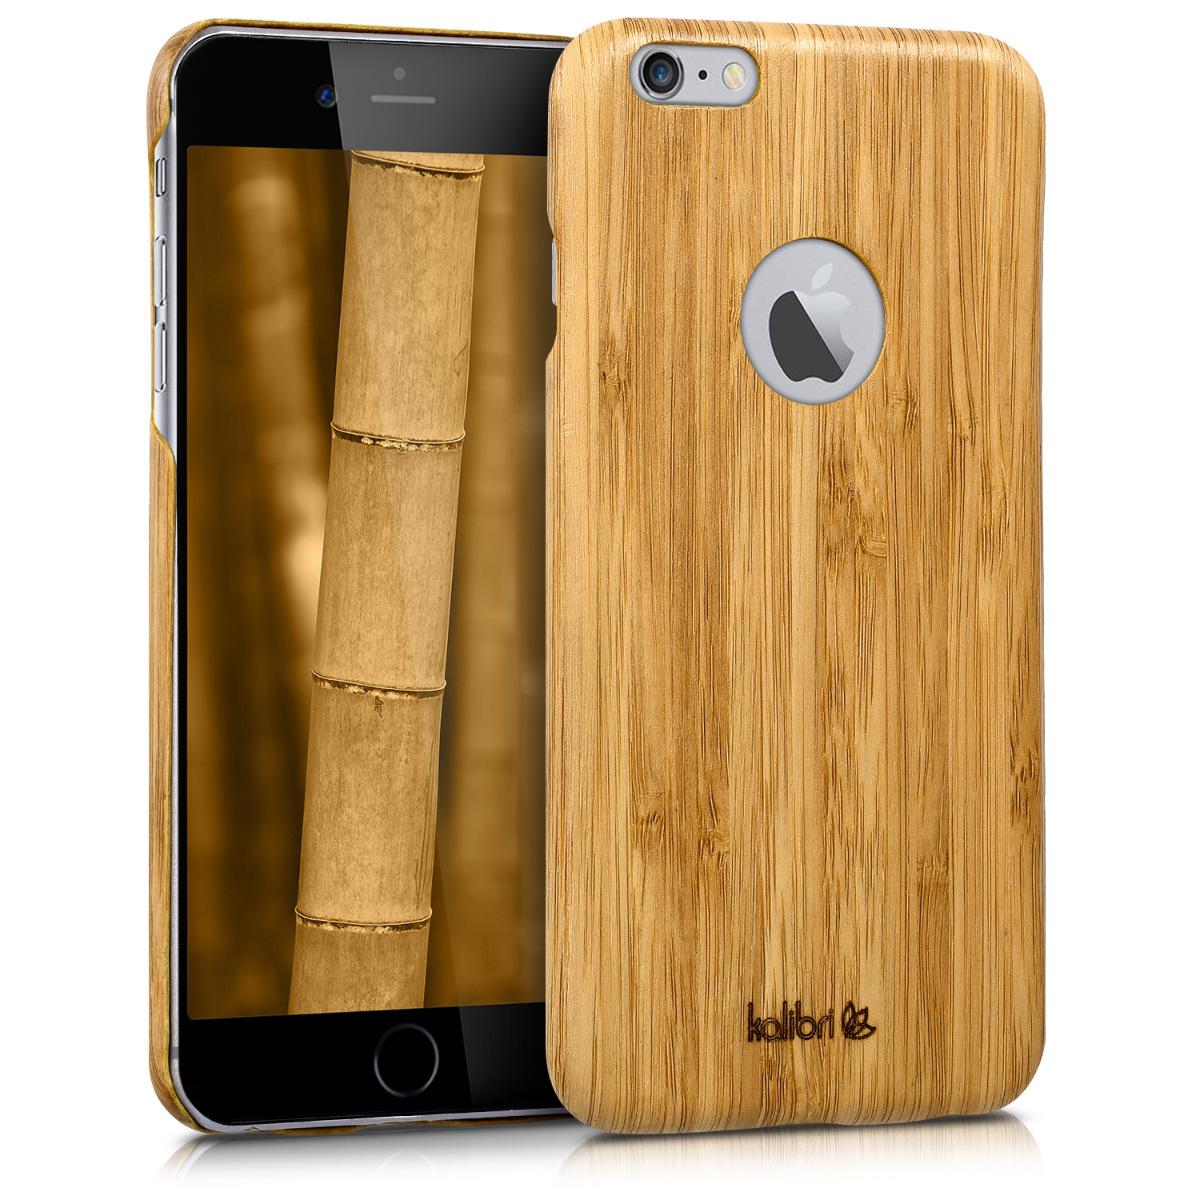 Kalibri Ξύλινη Θήκη iPhone 6 Plus / 6S Plus - Ανοιχτό καφέ (34415.24)